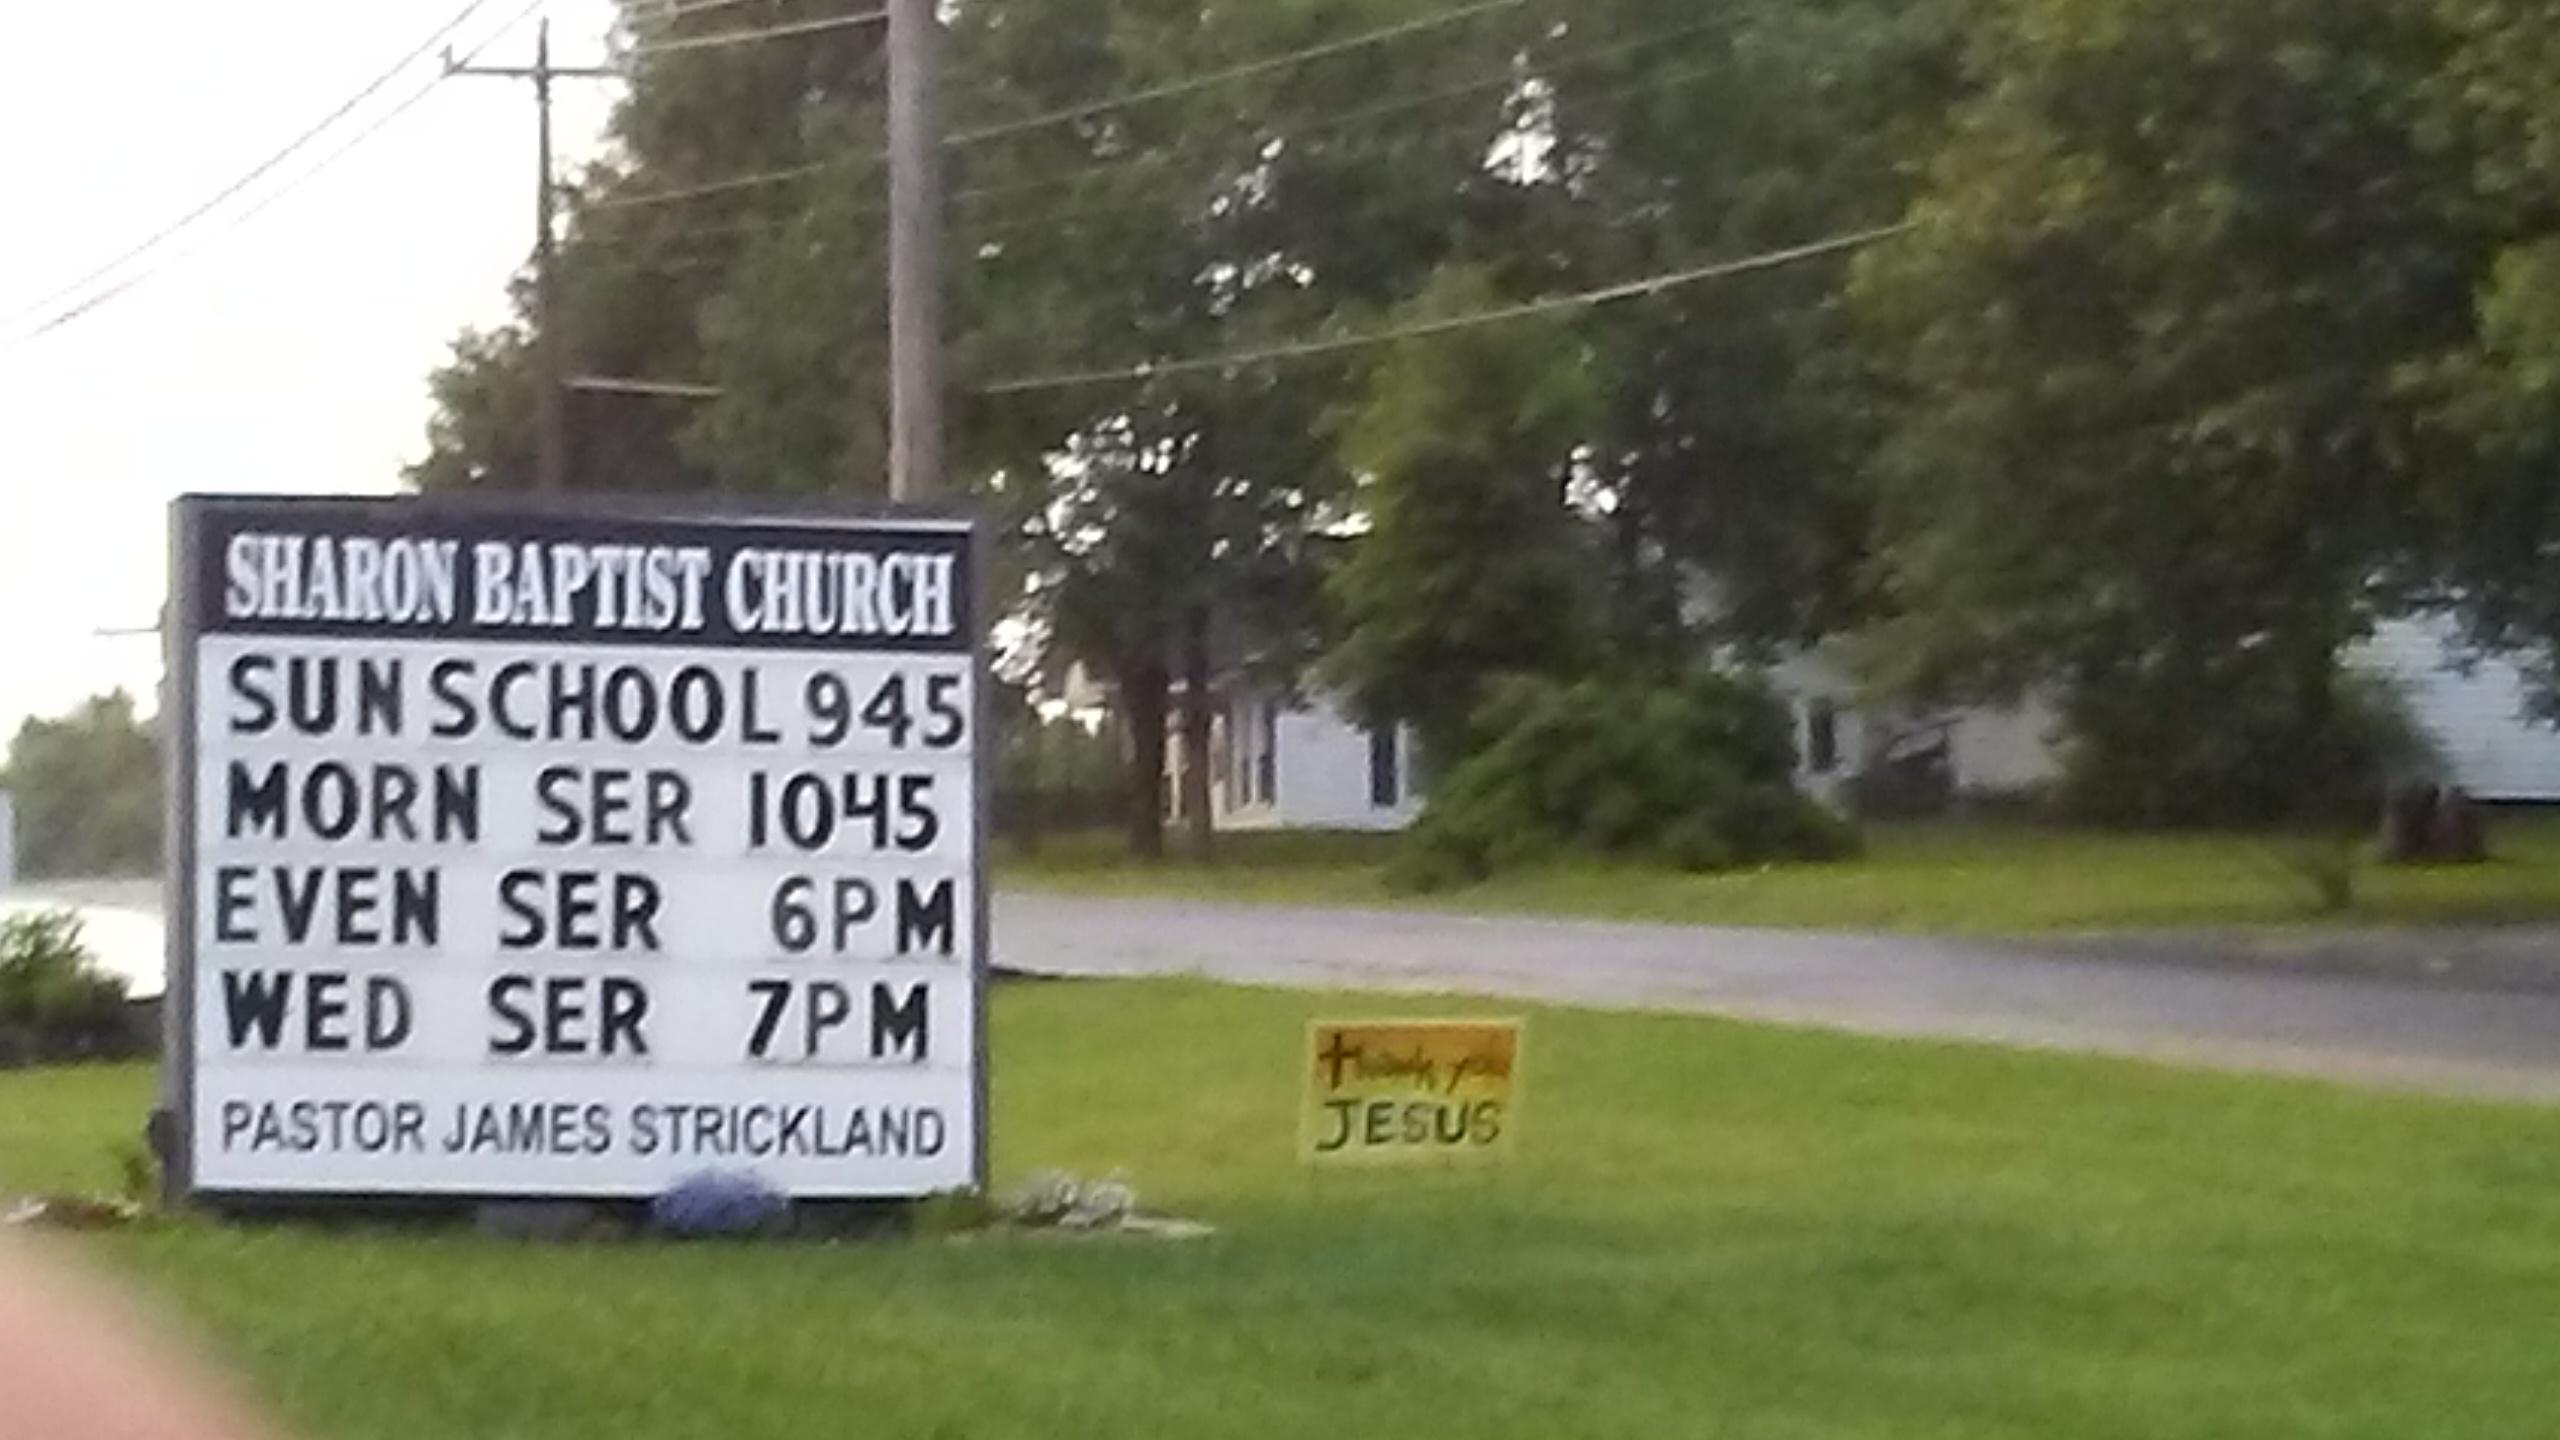 Sharon Baptist Church